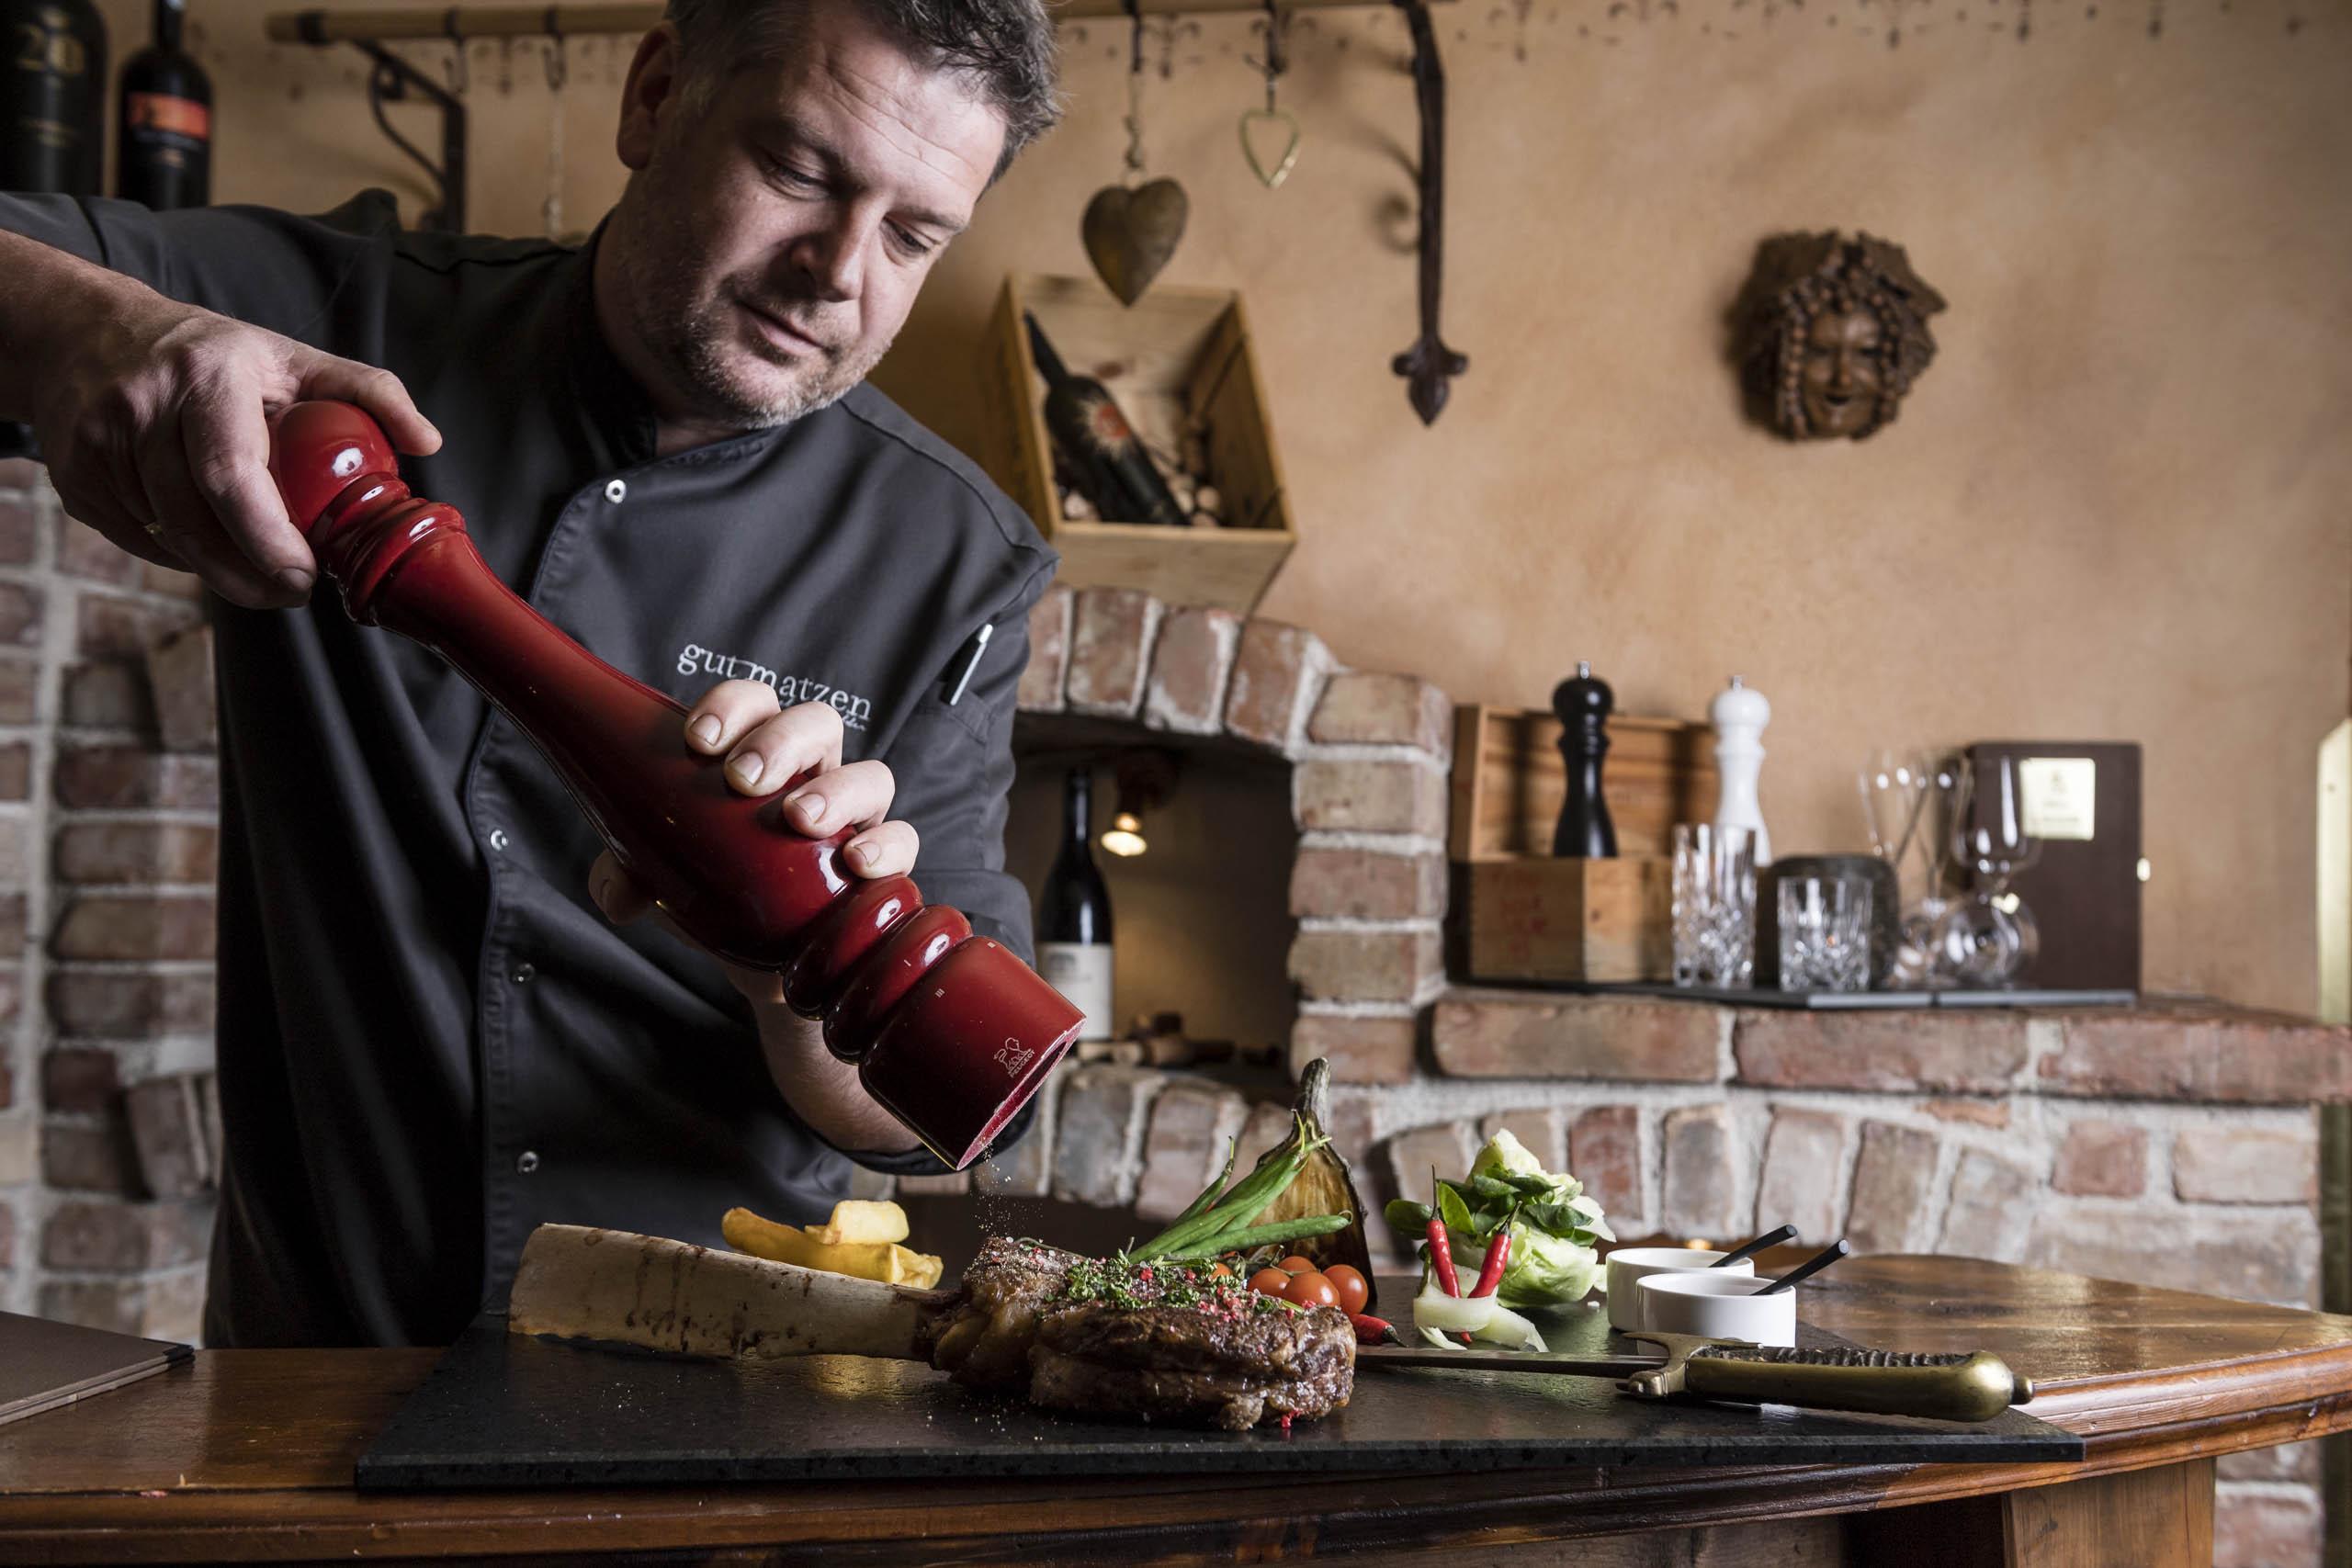 Der Chef würzt das bereits angerichtete Steak